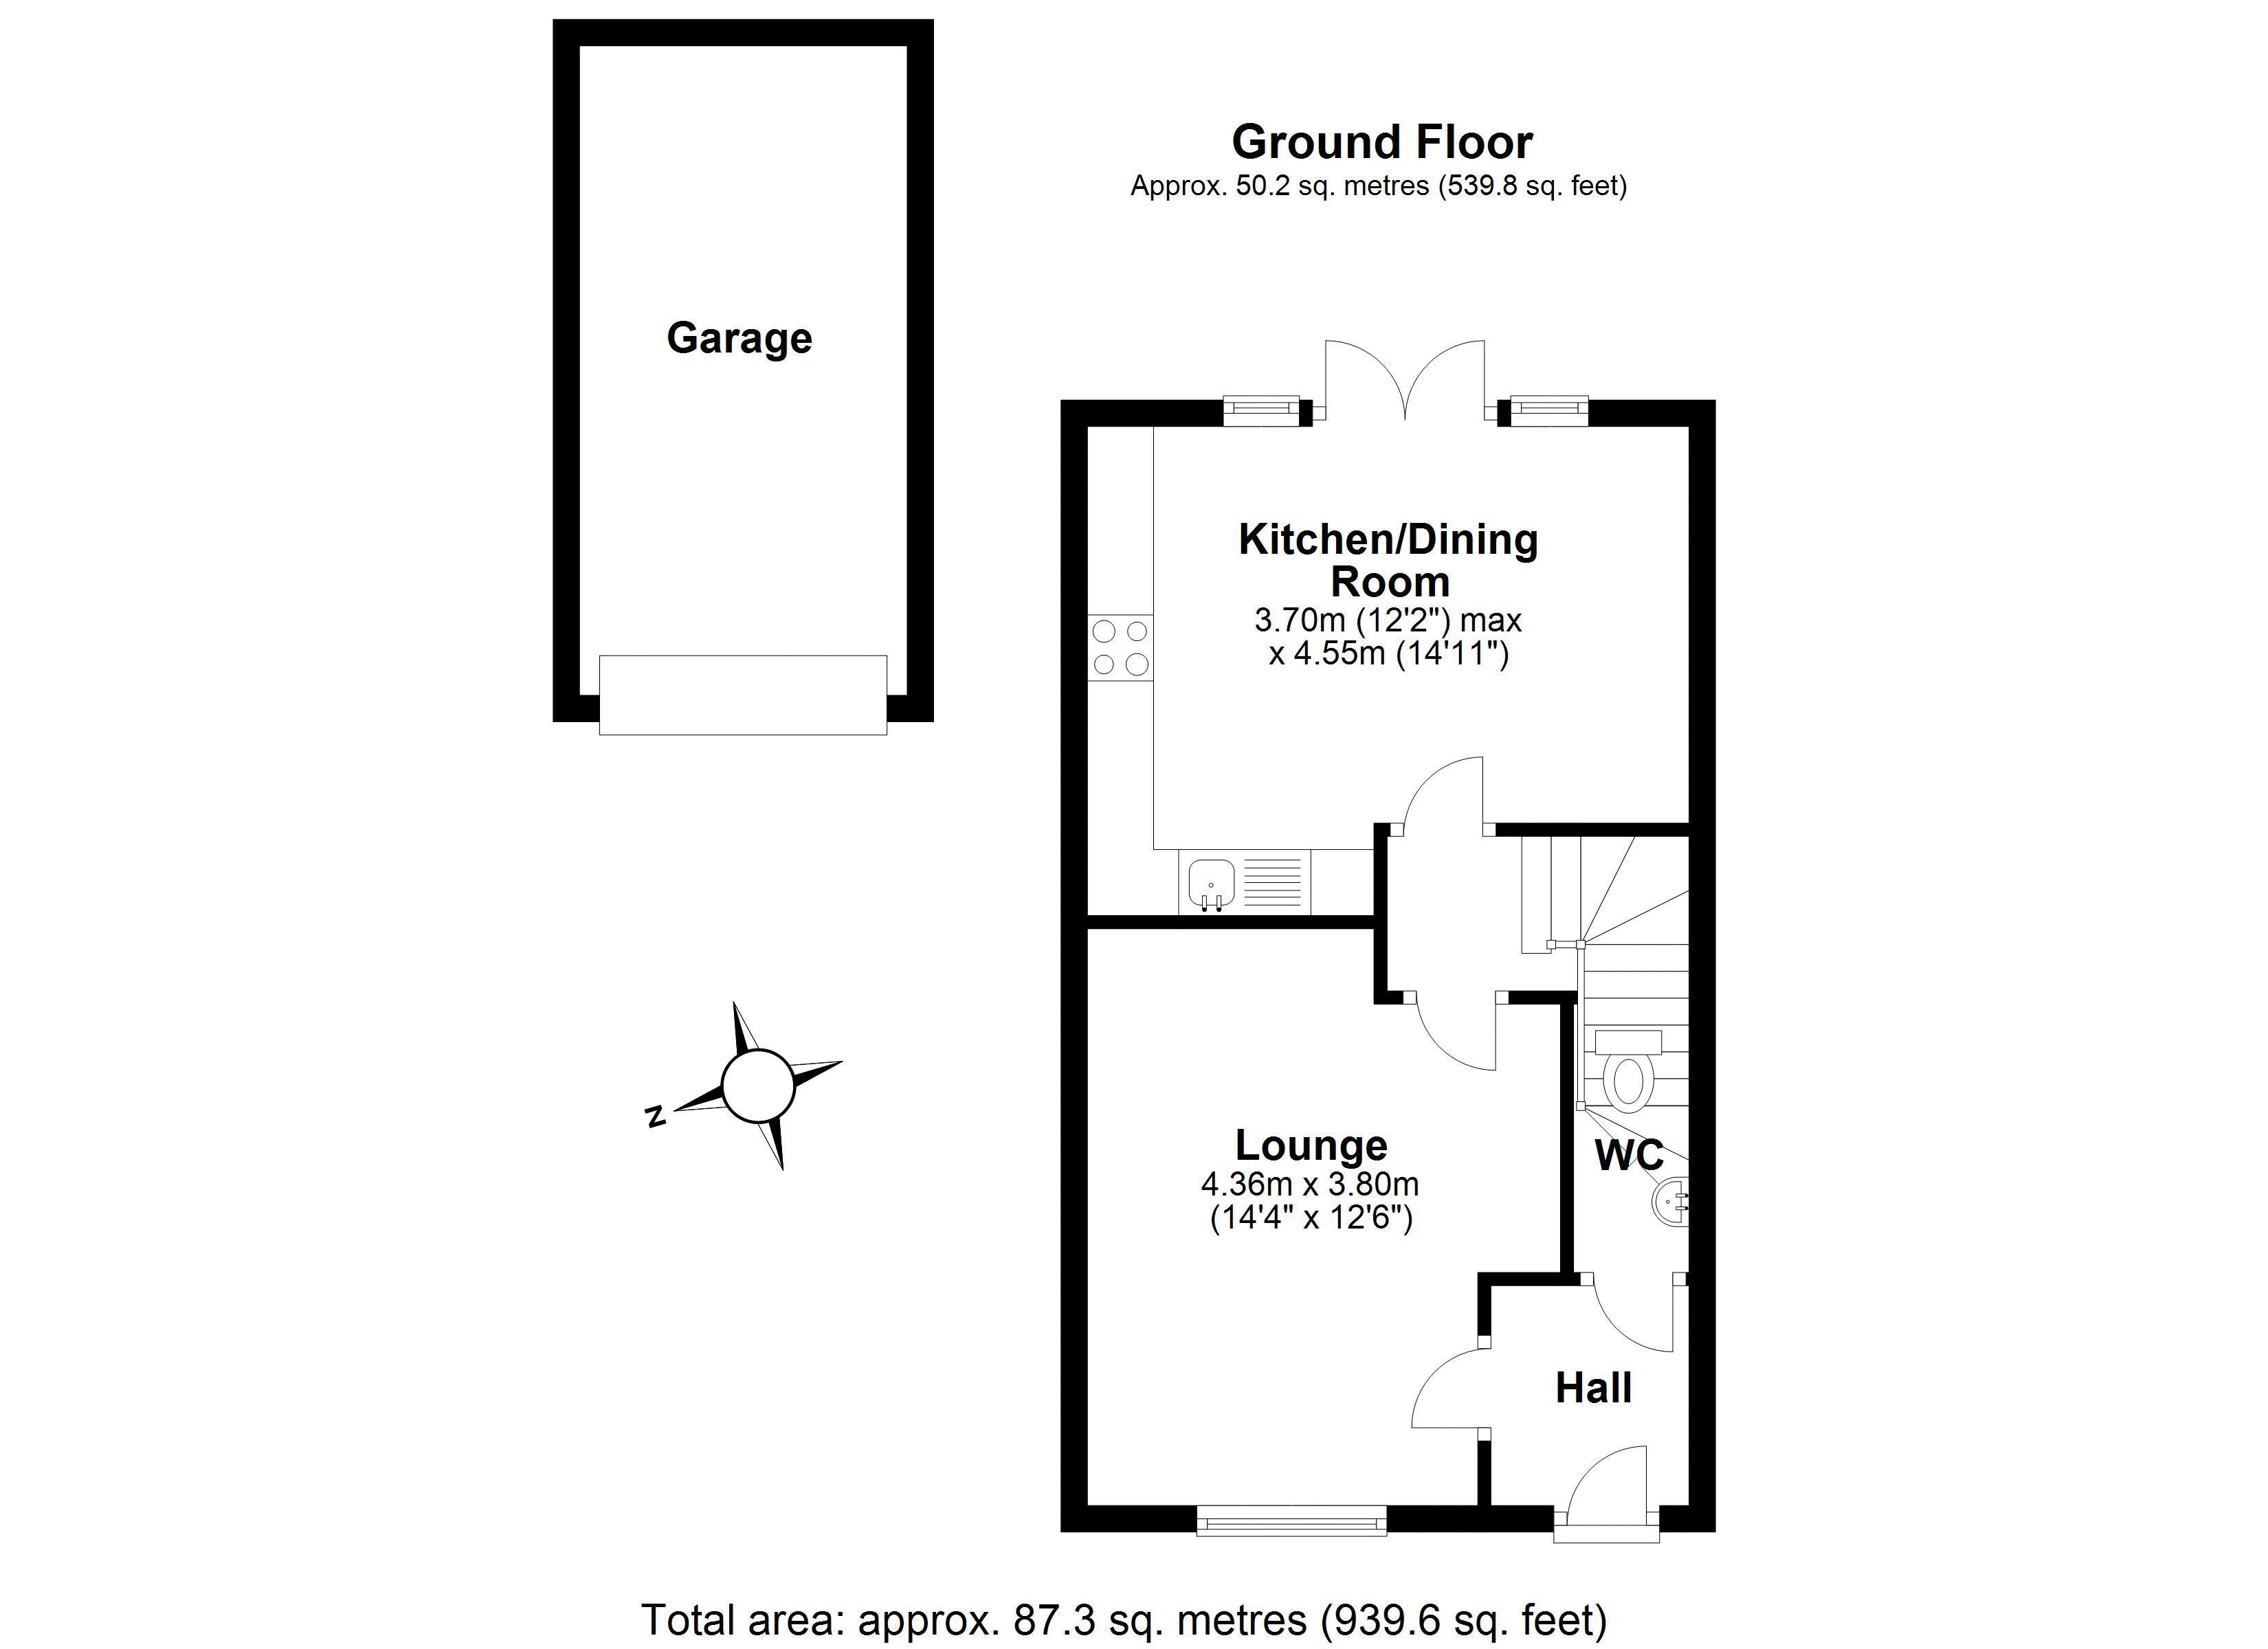 Newdale Holt ground floor plan